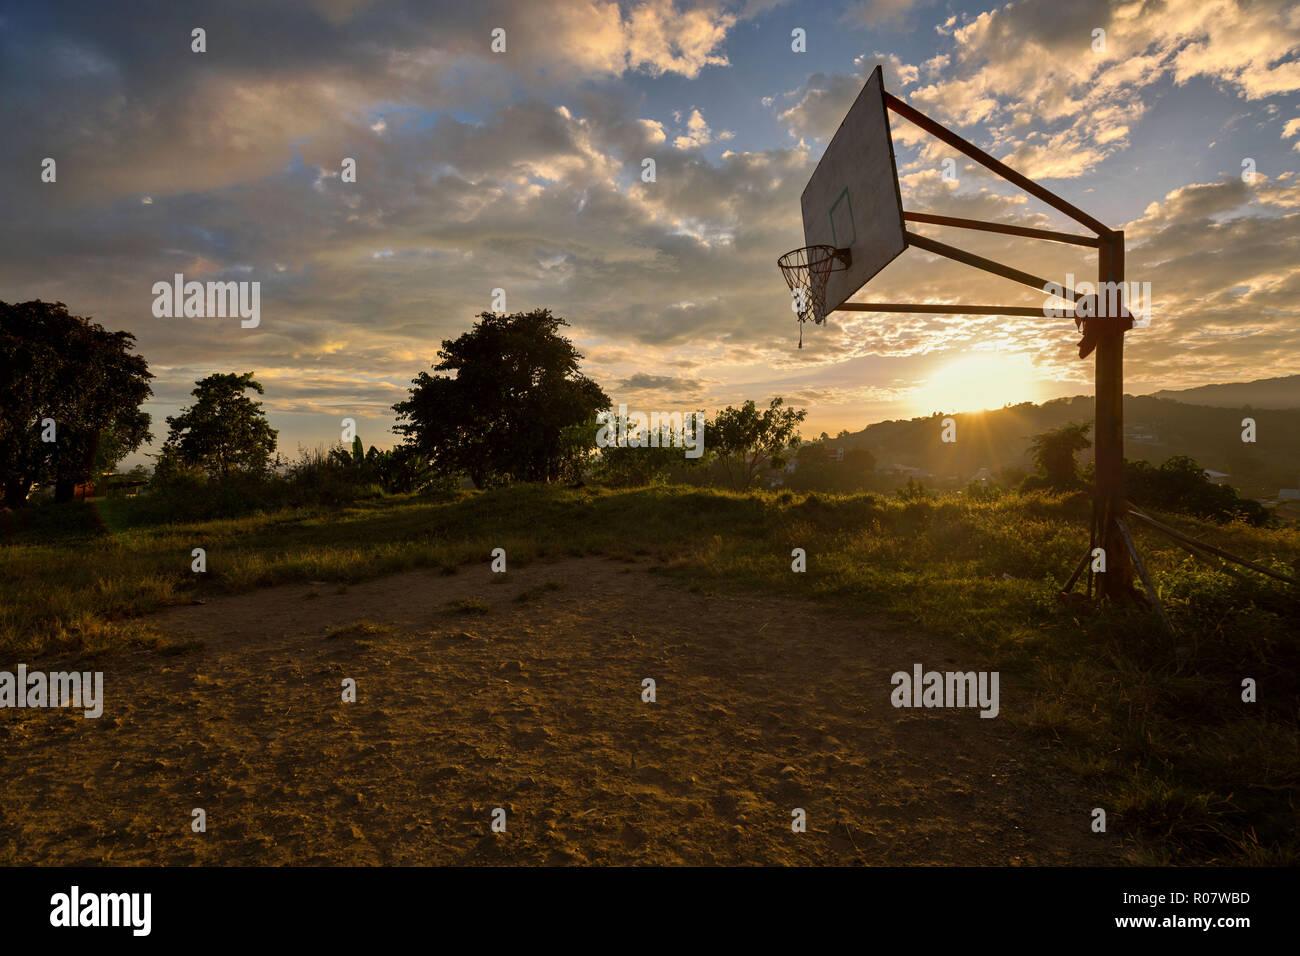 Un terrain de basket-ball dans les rocheuses crépuscule une simple scène de la vie rurale Photo Stock